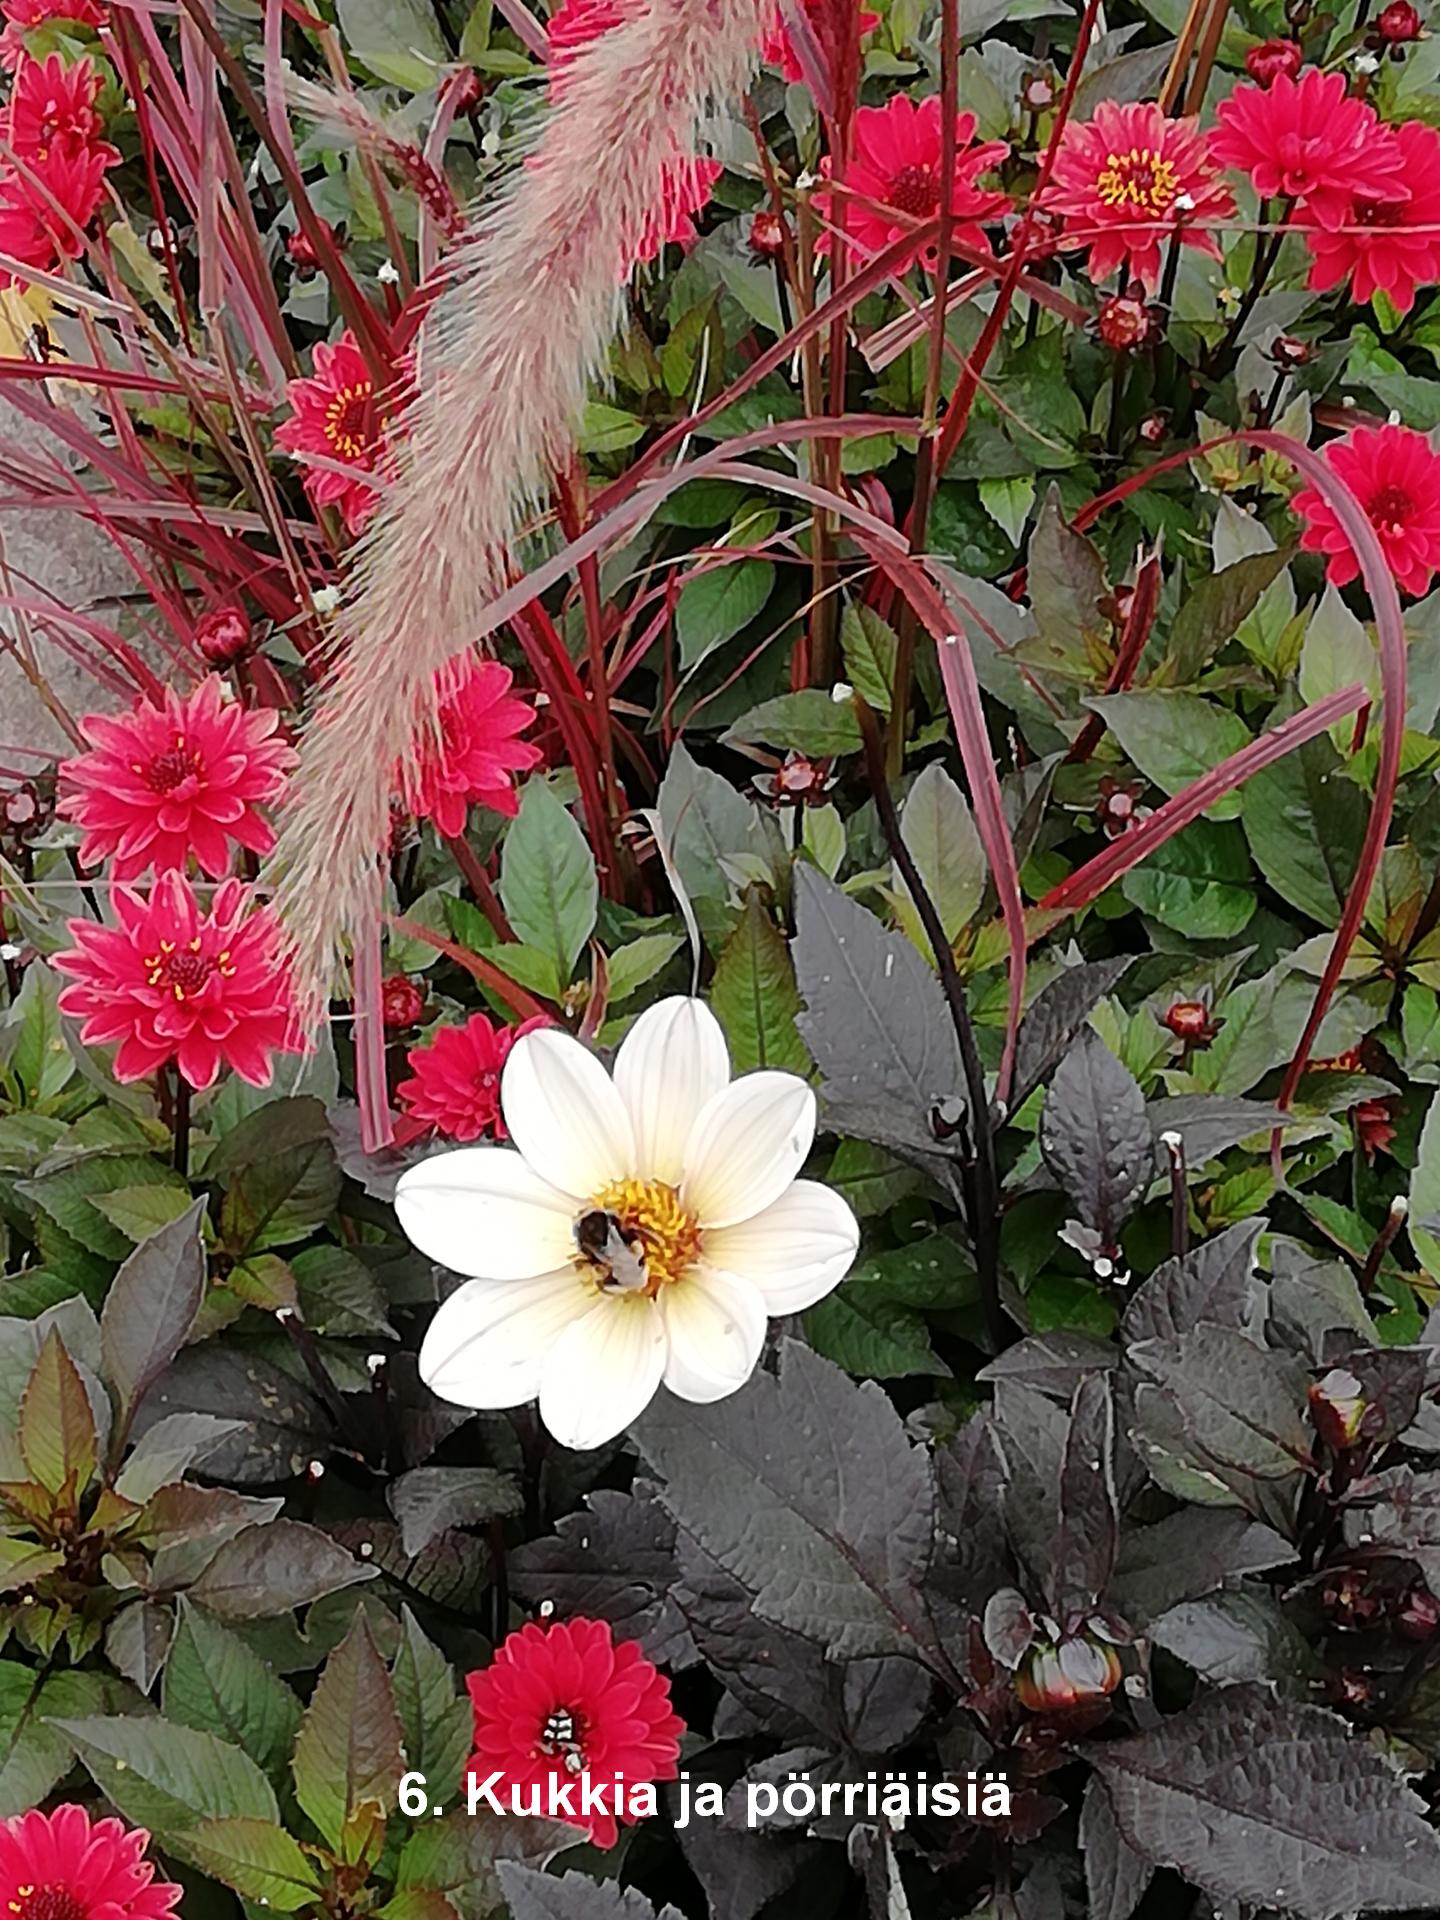 Nimi: Kukkia ja pörriäisiä, Kuvaaja: Pöytäkilpailu